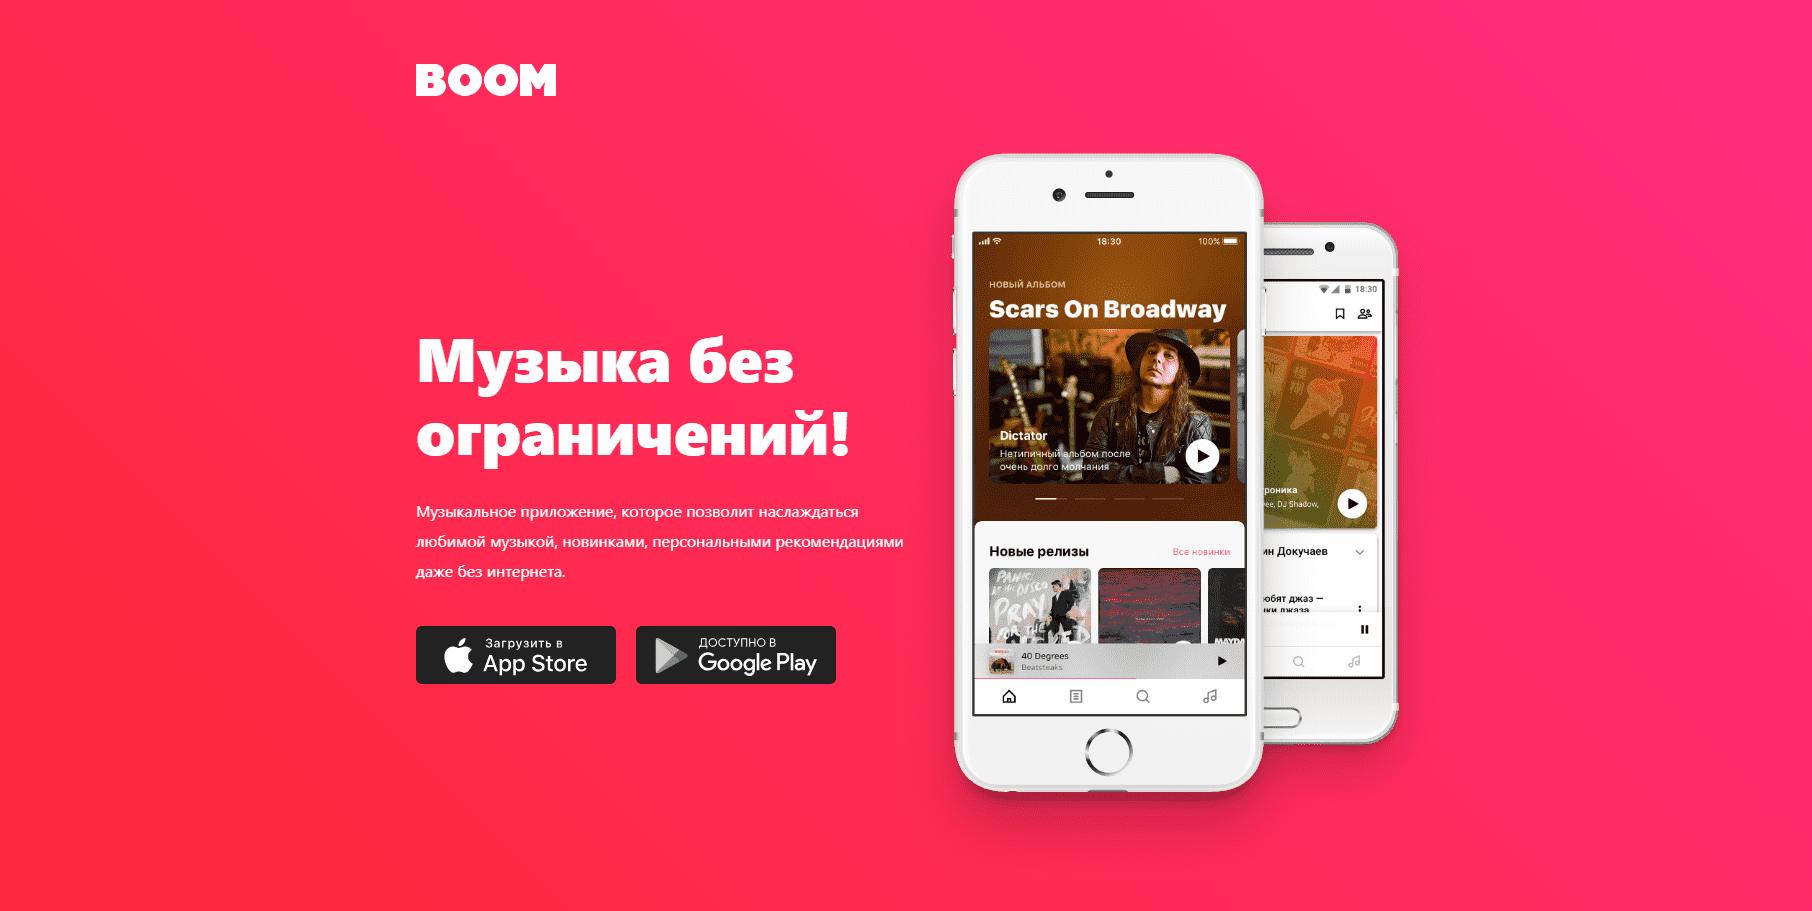 Монетизация своей музыки ВКонтакте - попадаем в Каталог Boom